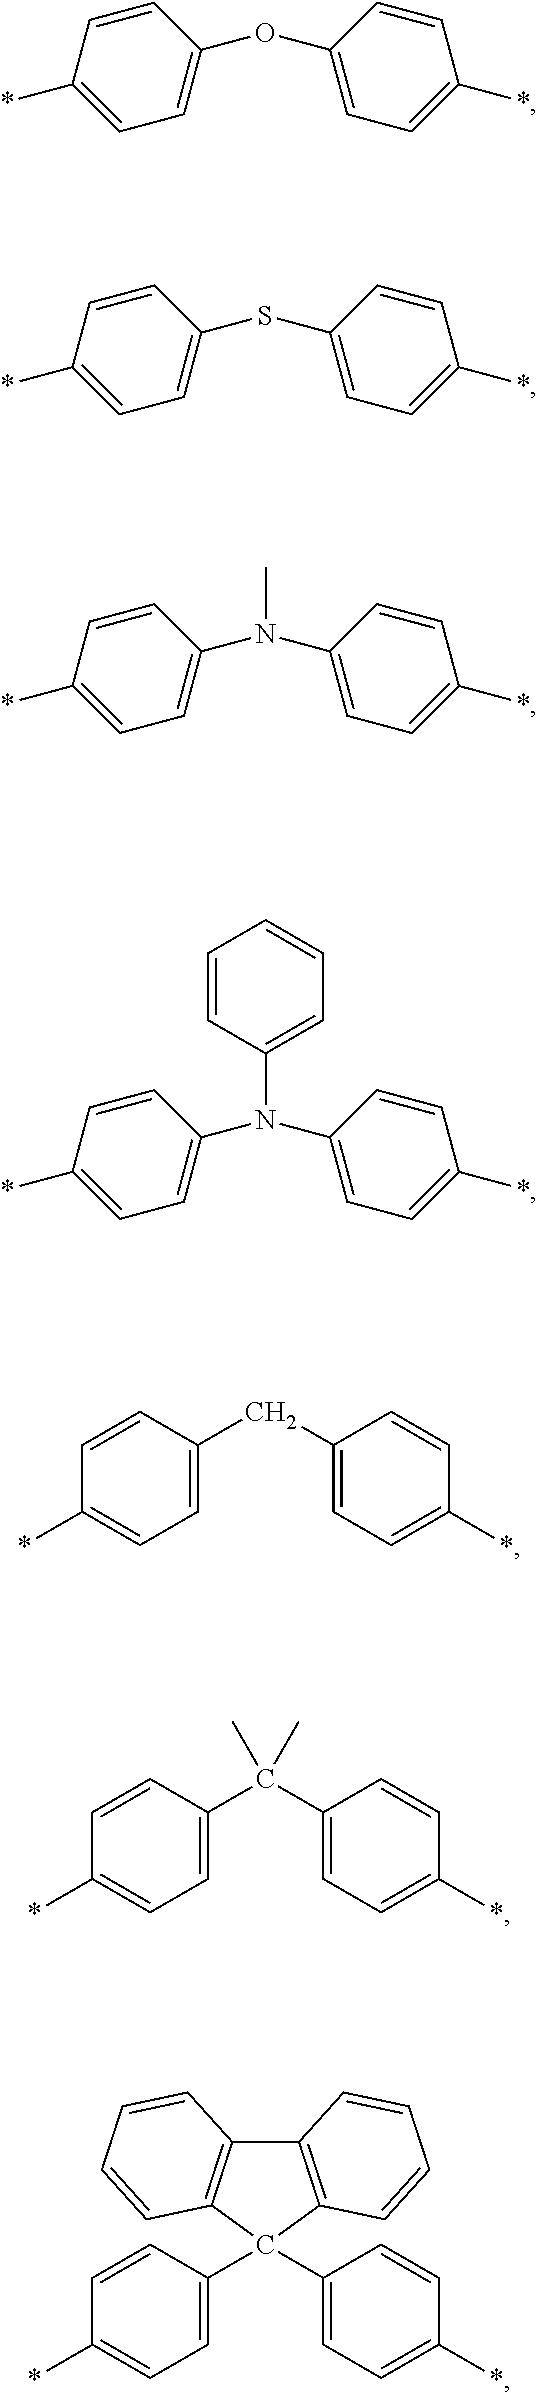 Figure US09389181-20160712-C00007